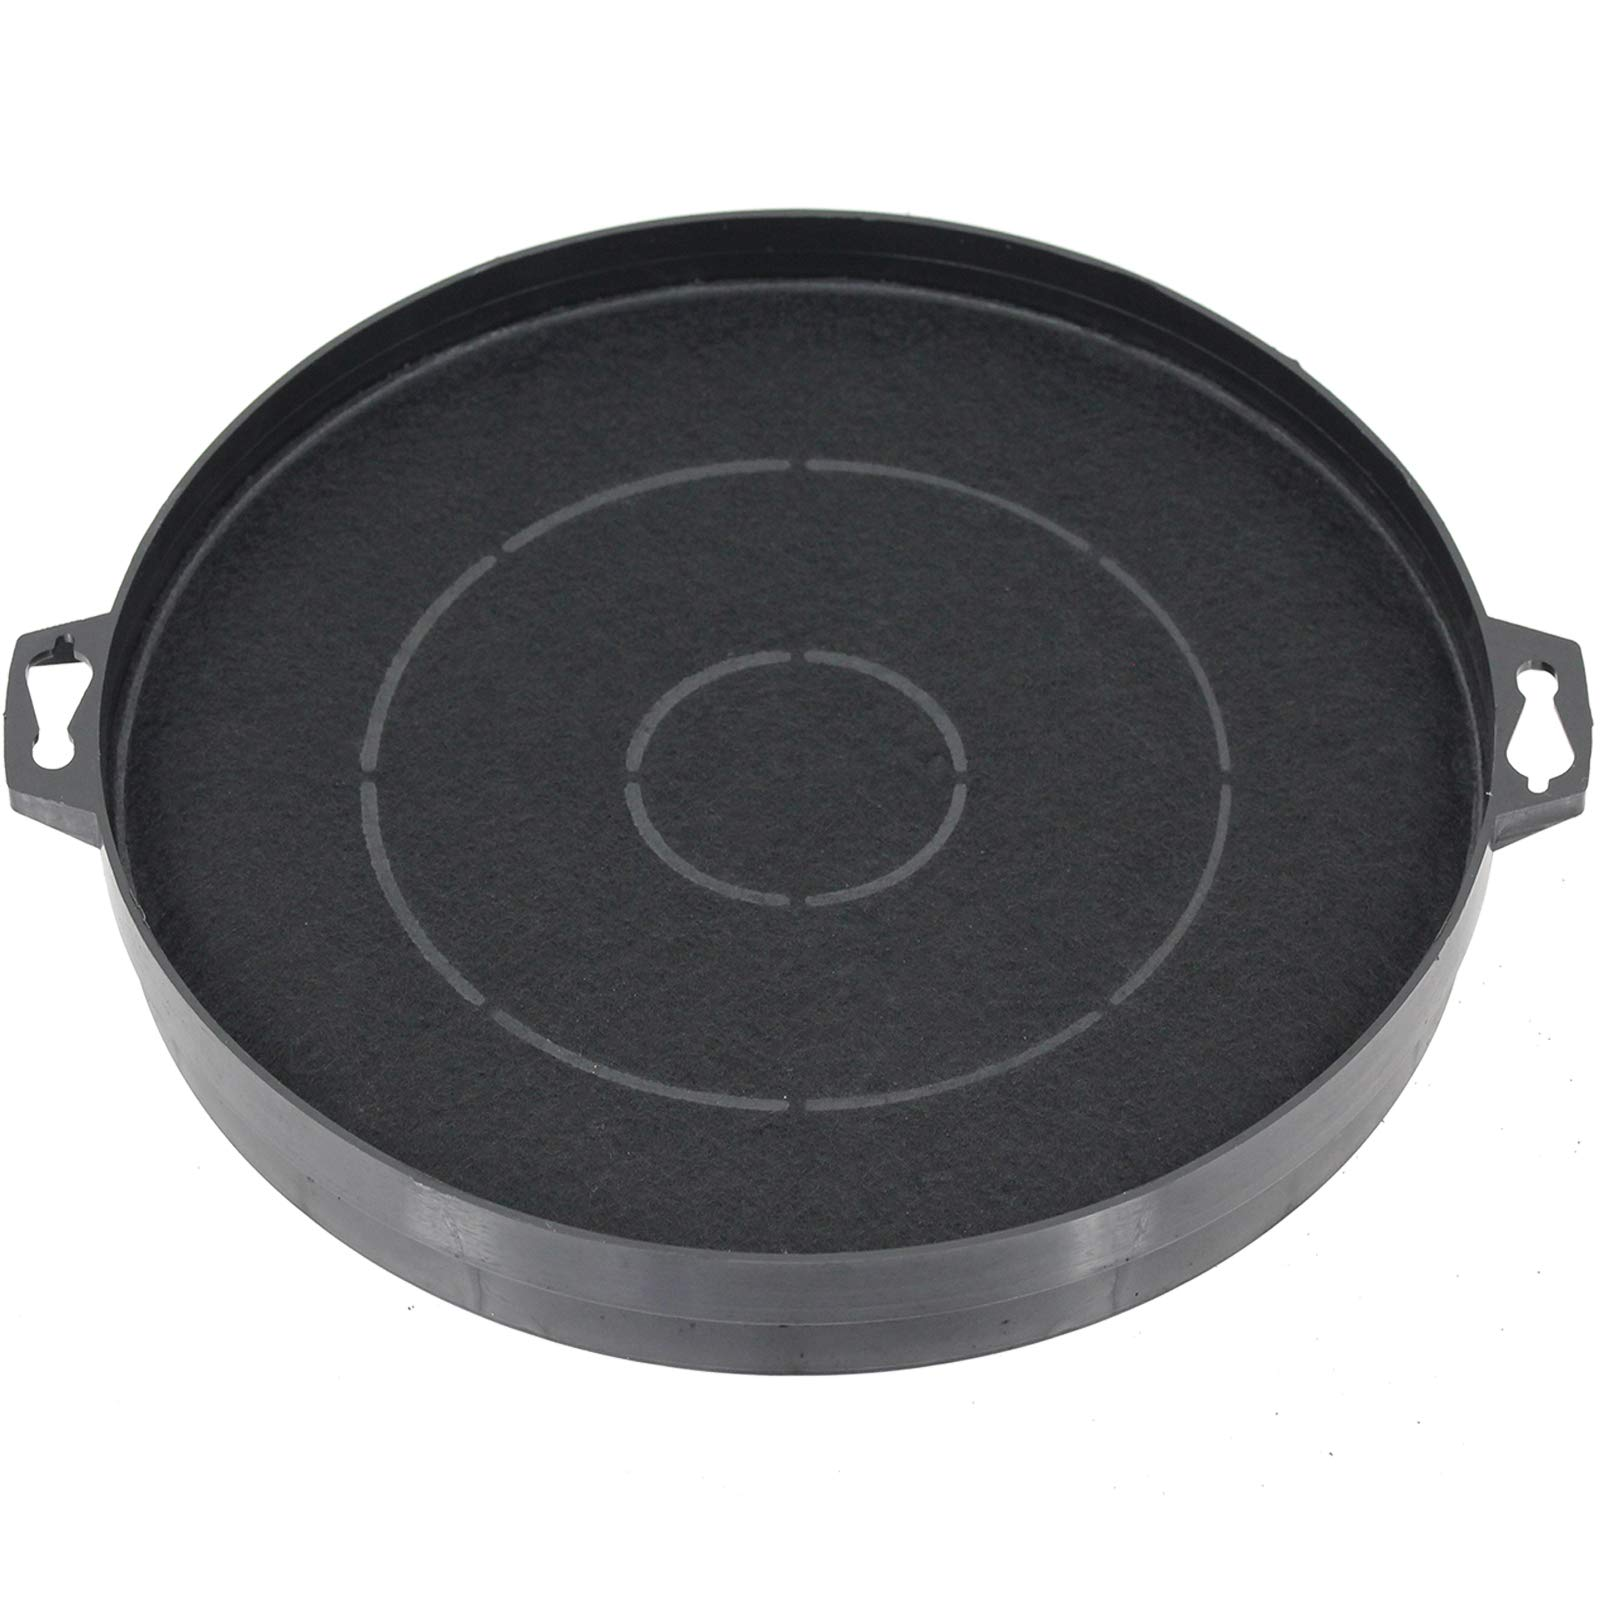 Spares2go chf210 chf210/1 tipo gris carbono filtros de aire para Thermex campana extractor ventilación (Pack de 2): Amazon.es: Hogar